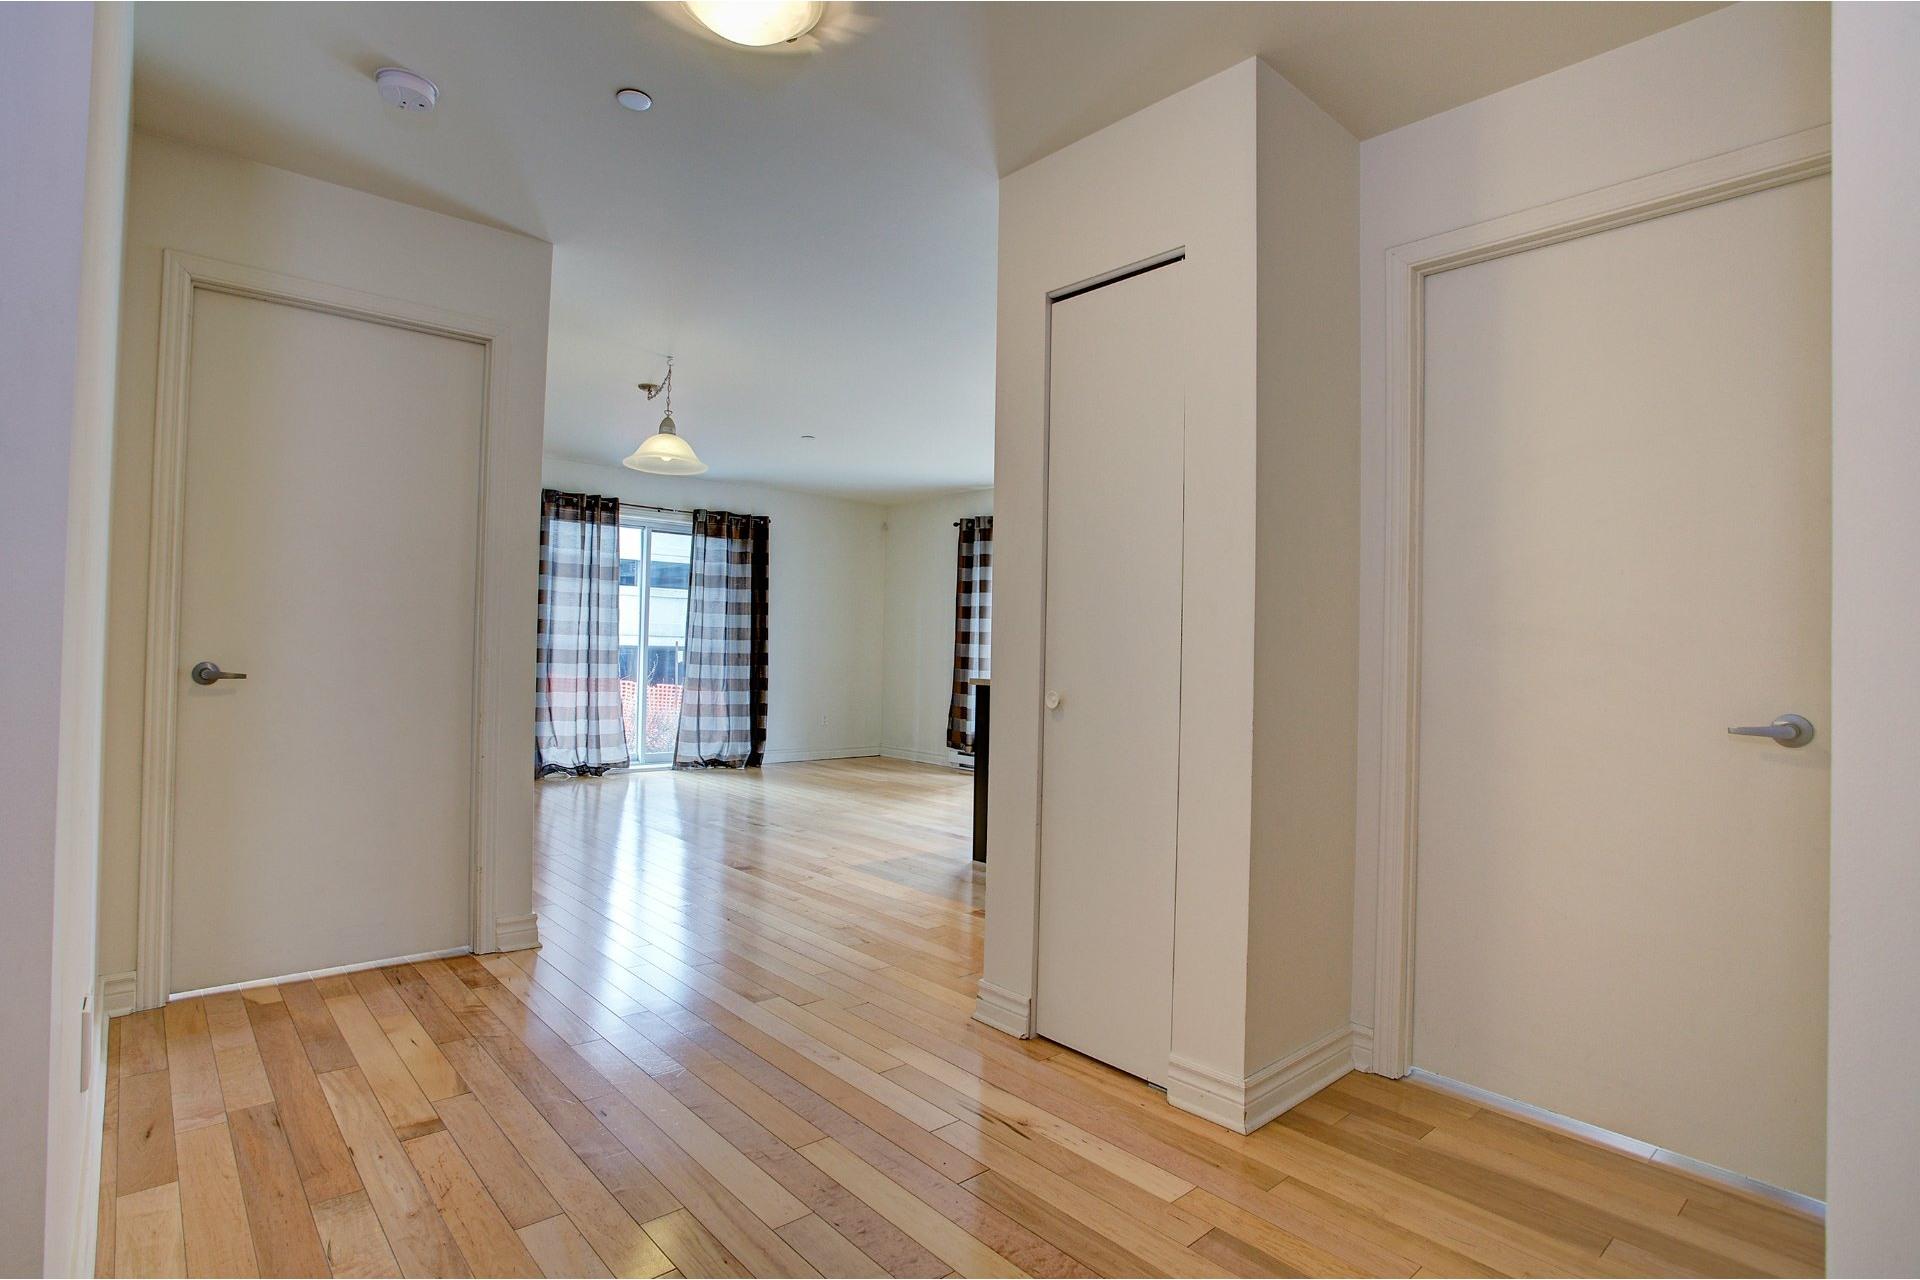 image 3 - Appartement À louer Laval-des-Rapides Laval  - 7 pièces